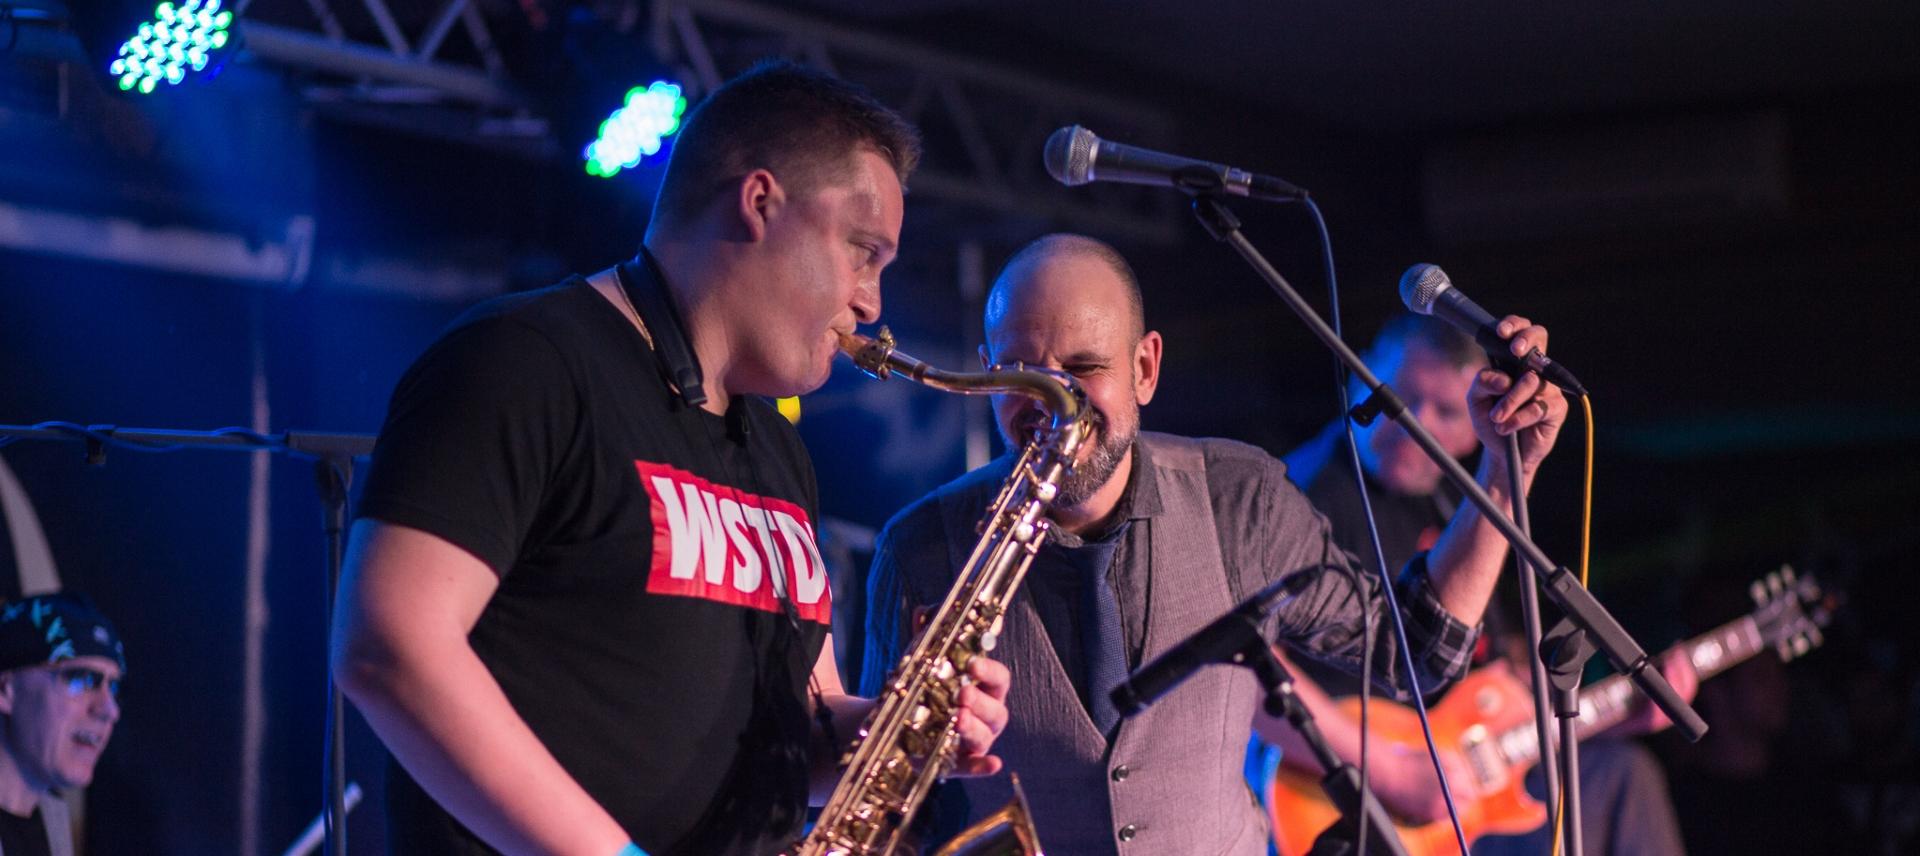 FOTO: Funky večer 'Tribute to Dino Dvornik' rasplesala publiku